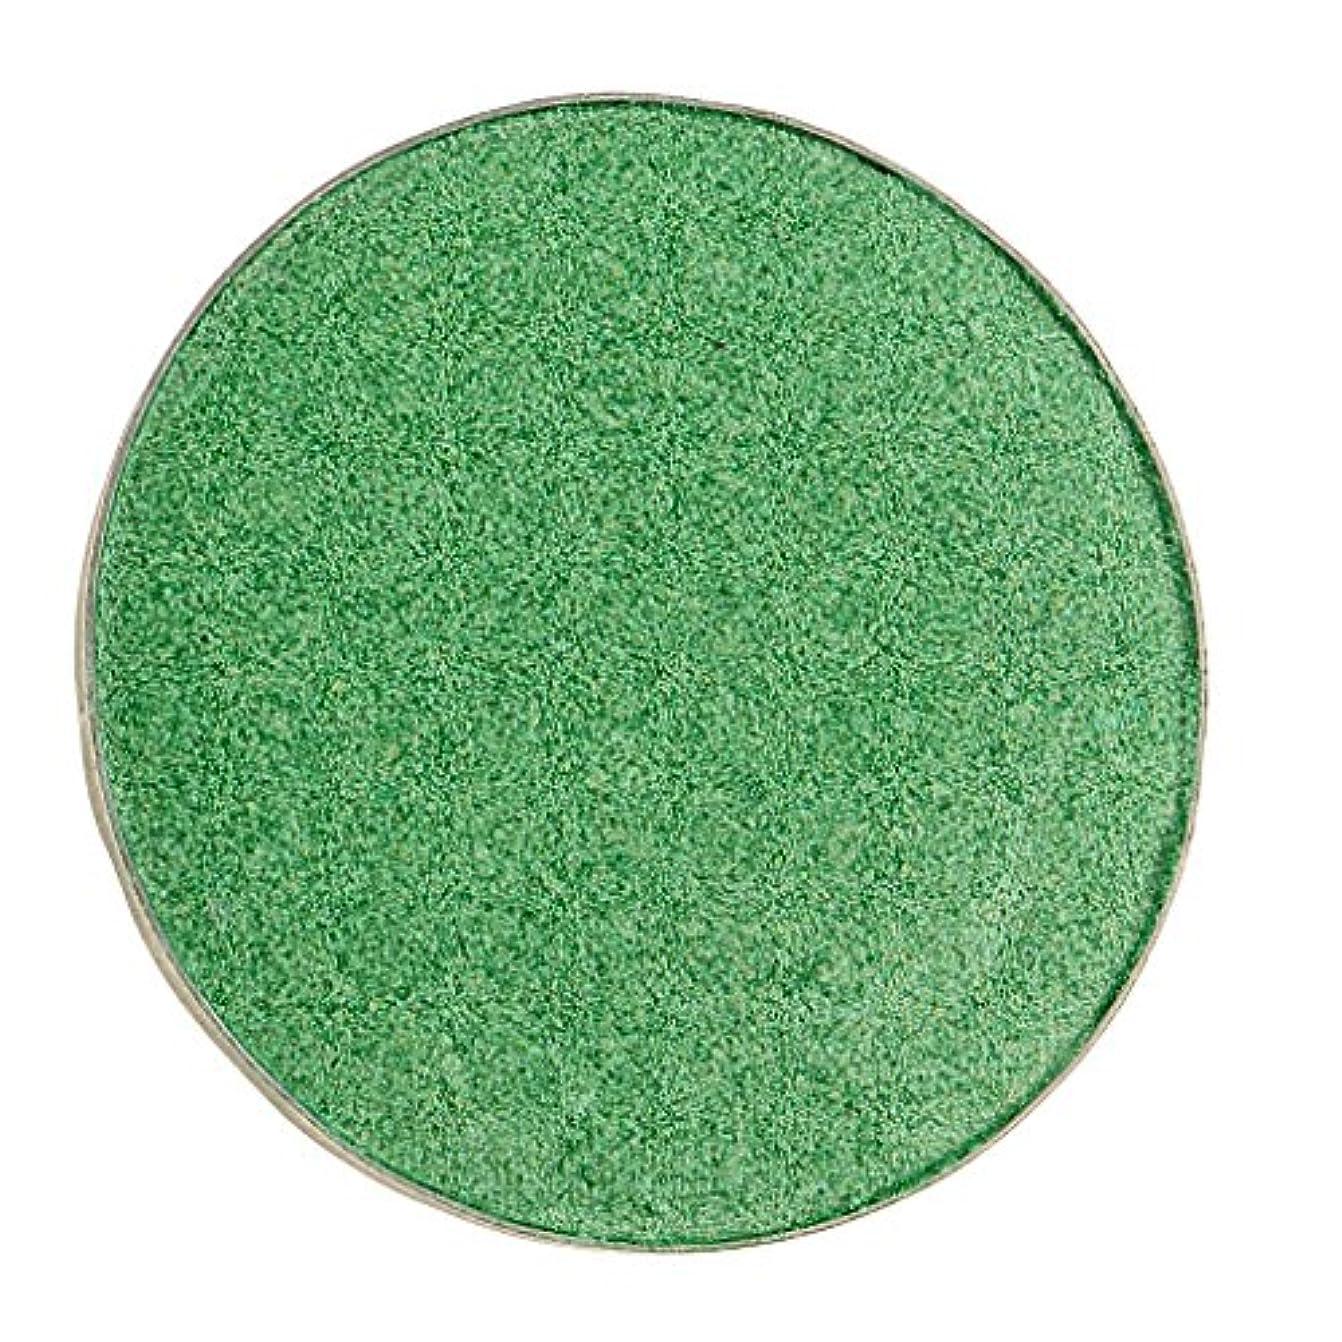 配置ジャングル戸惑うBaosity 化粧品用 アイシャドウ ハイライター パレット マット シマー アイシャドーメイク 目 魅力的 全5色 - #38グリーン